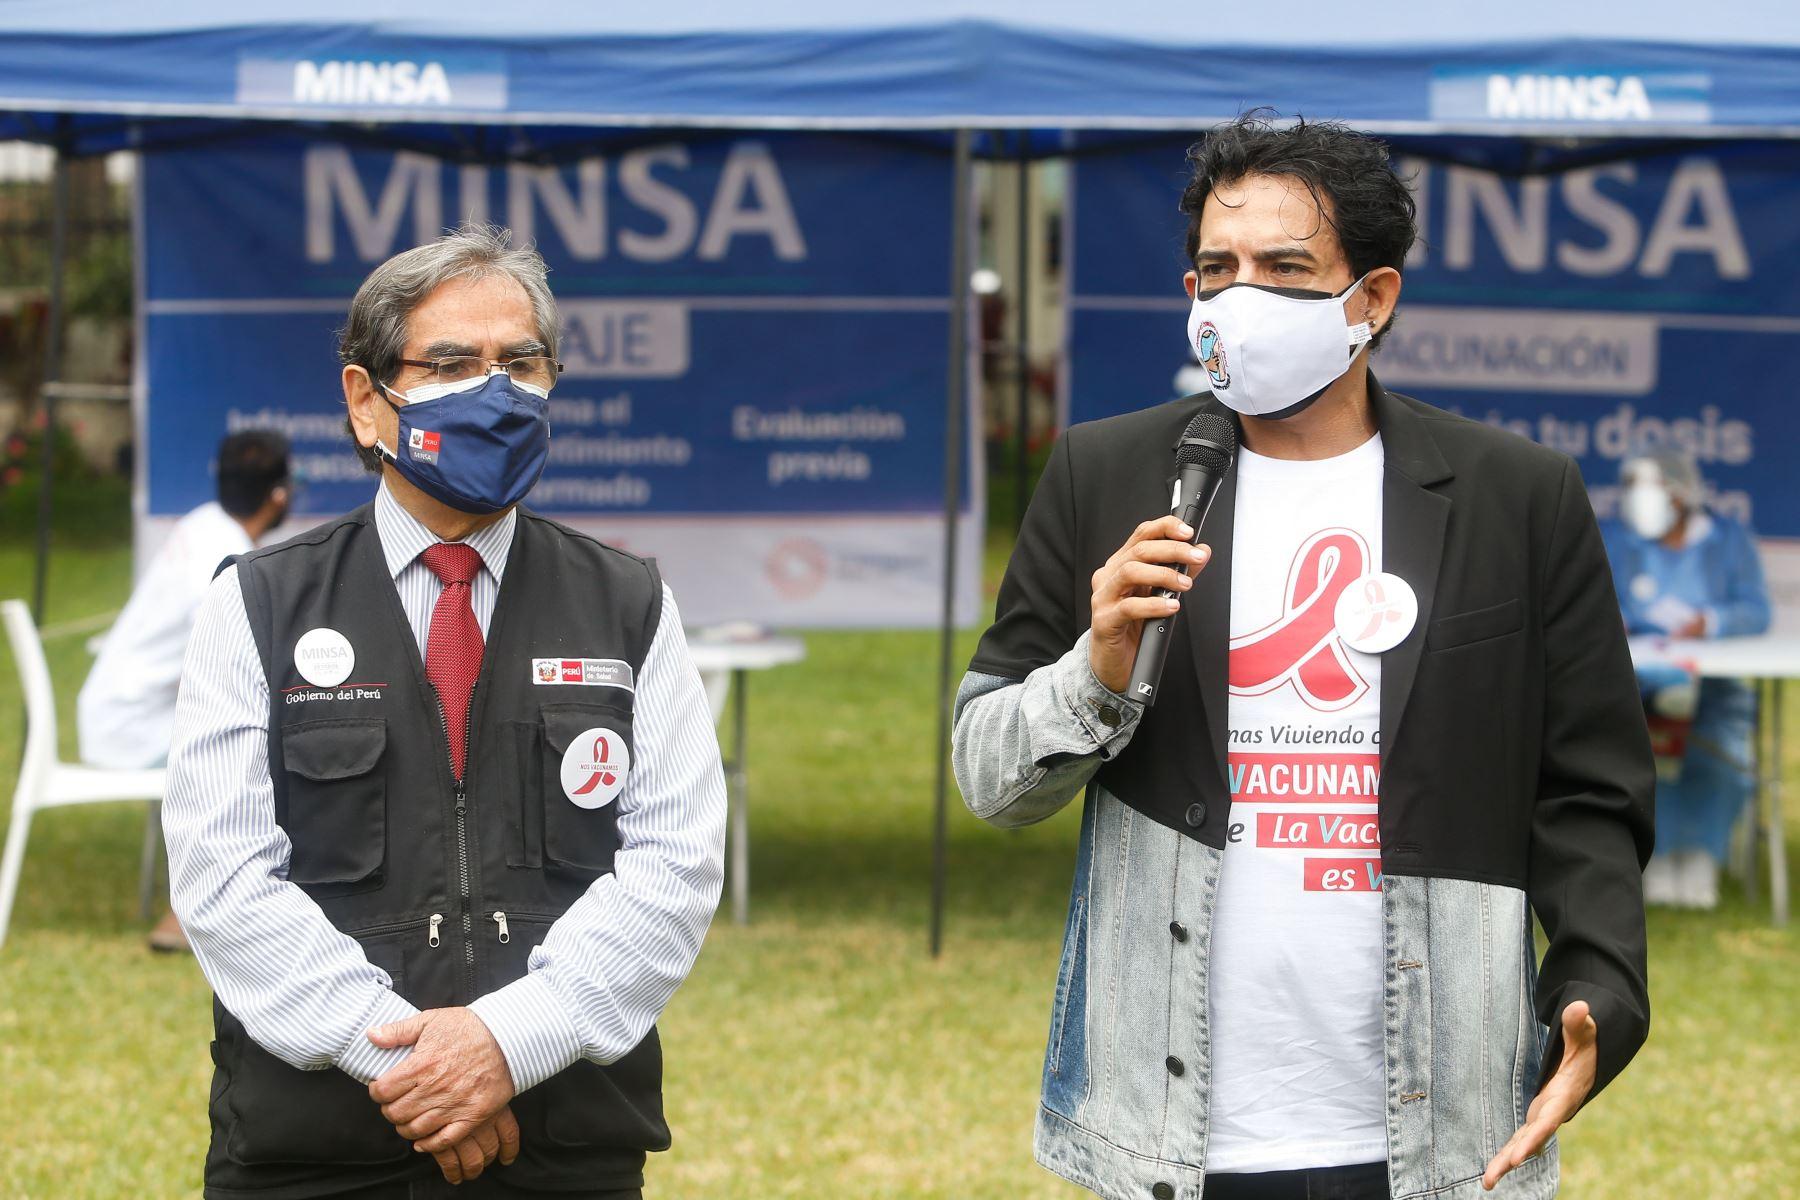 Ministro de Salud, Oscar Ugarte Supervisa  vacunación contra la covid -19 a personas viviendo con VIH.En la imagen el actor Ernesto Pimentel. Foto: Minsa